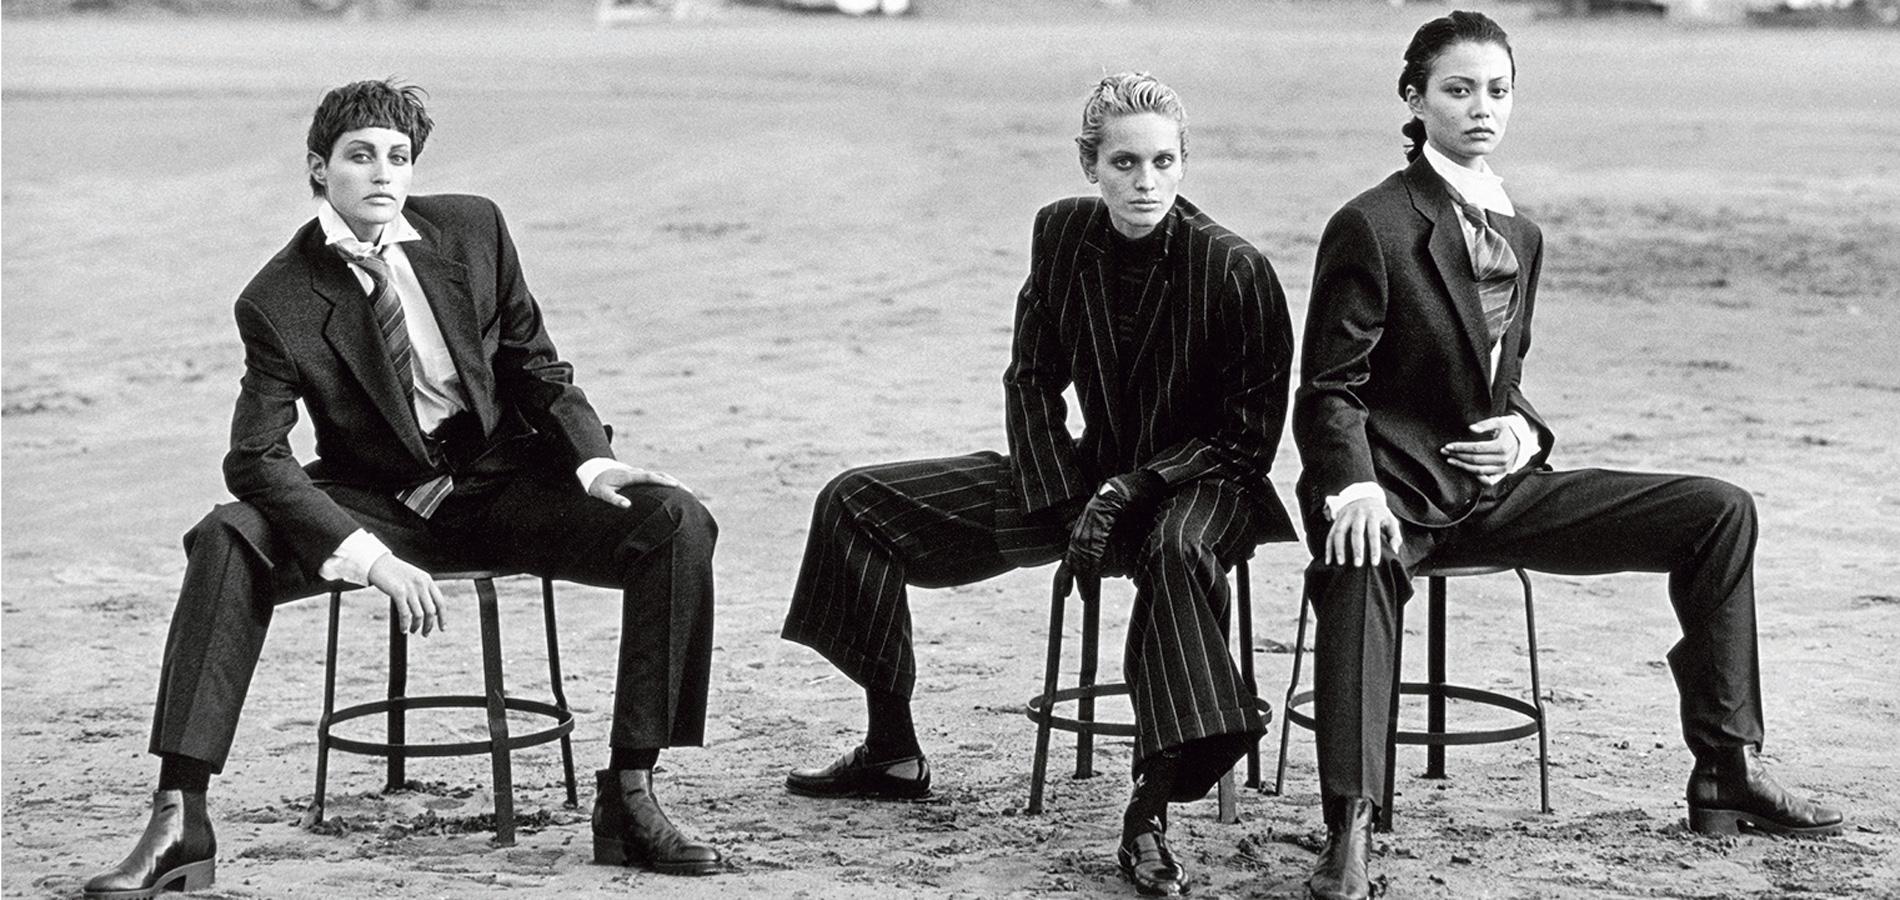 Le Costume Giorgio Armani Cet Intemporel Qui Donne Confiance Aux Femmes Madame Figaro